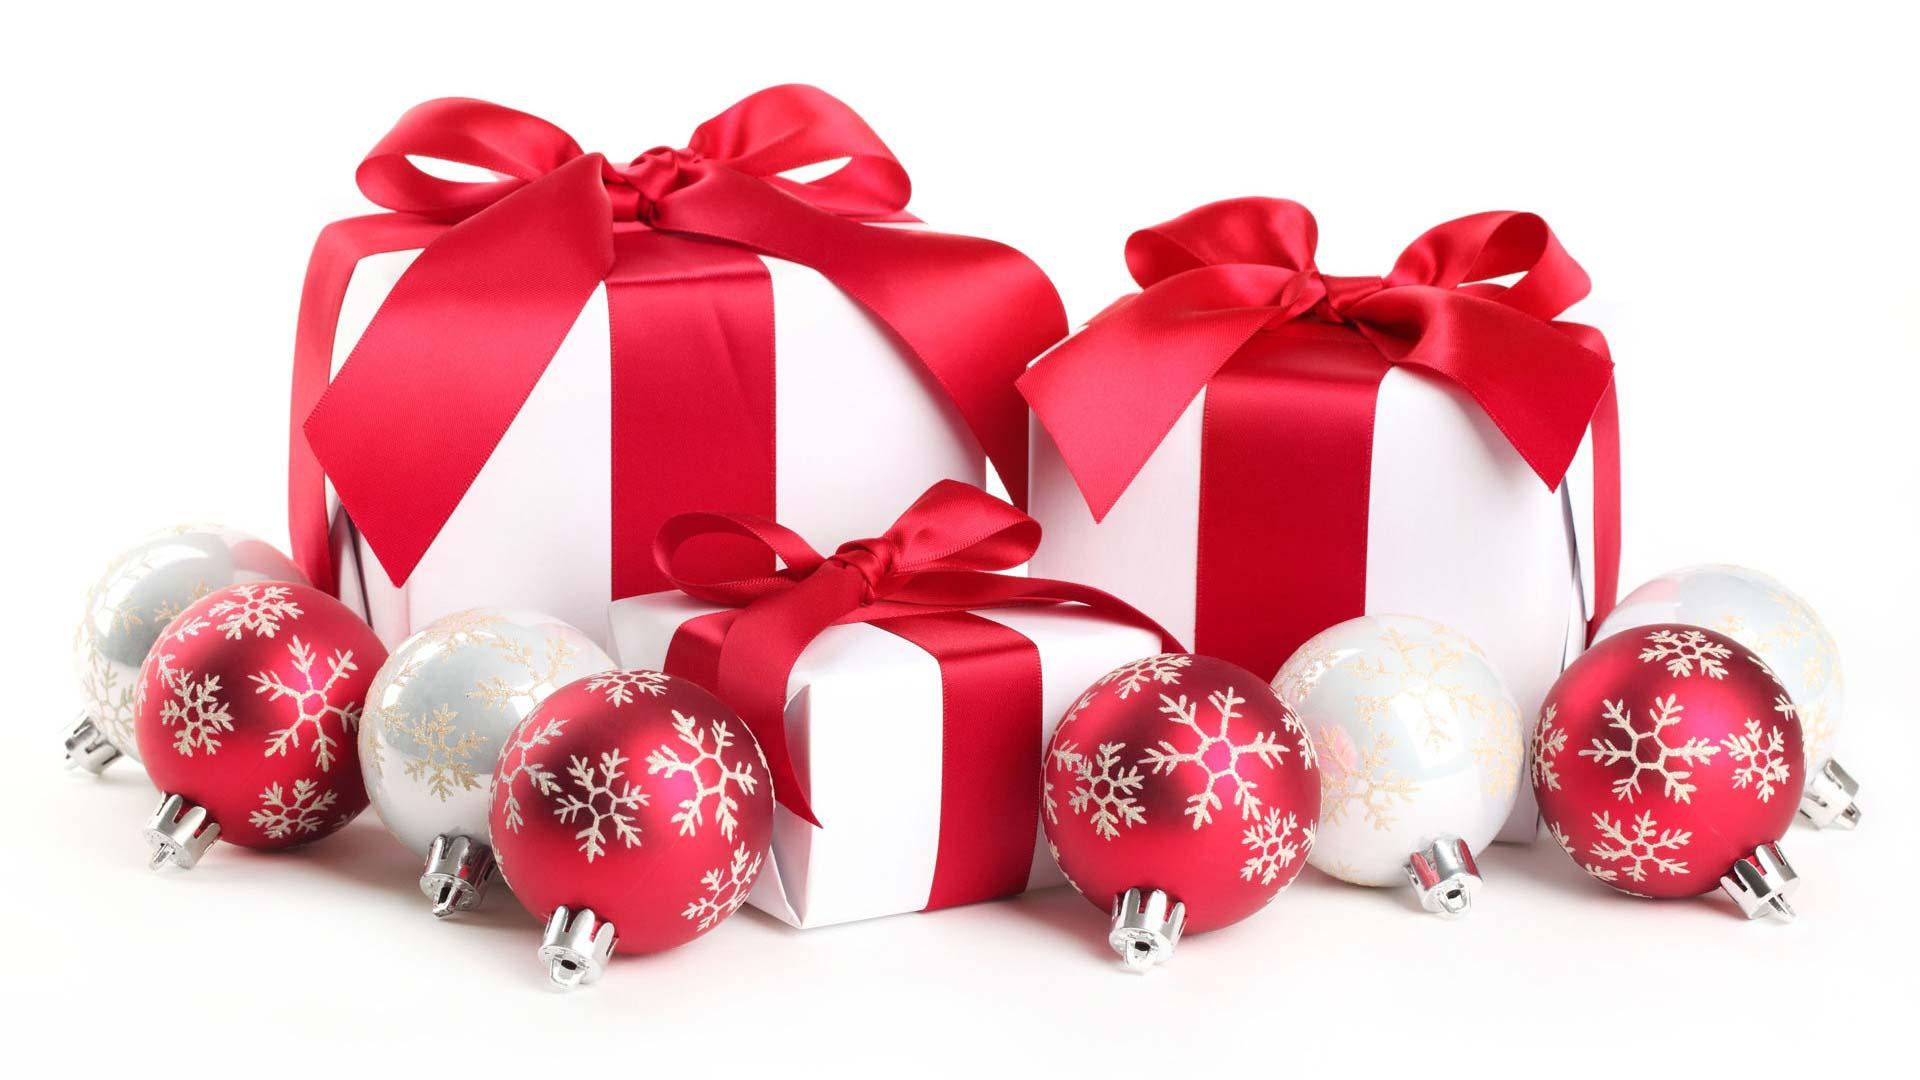 Sfondo Natalizio - Sfondo desktop regali di Natale